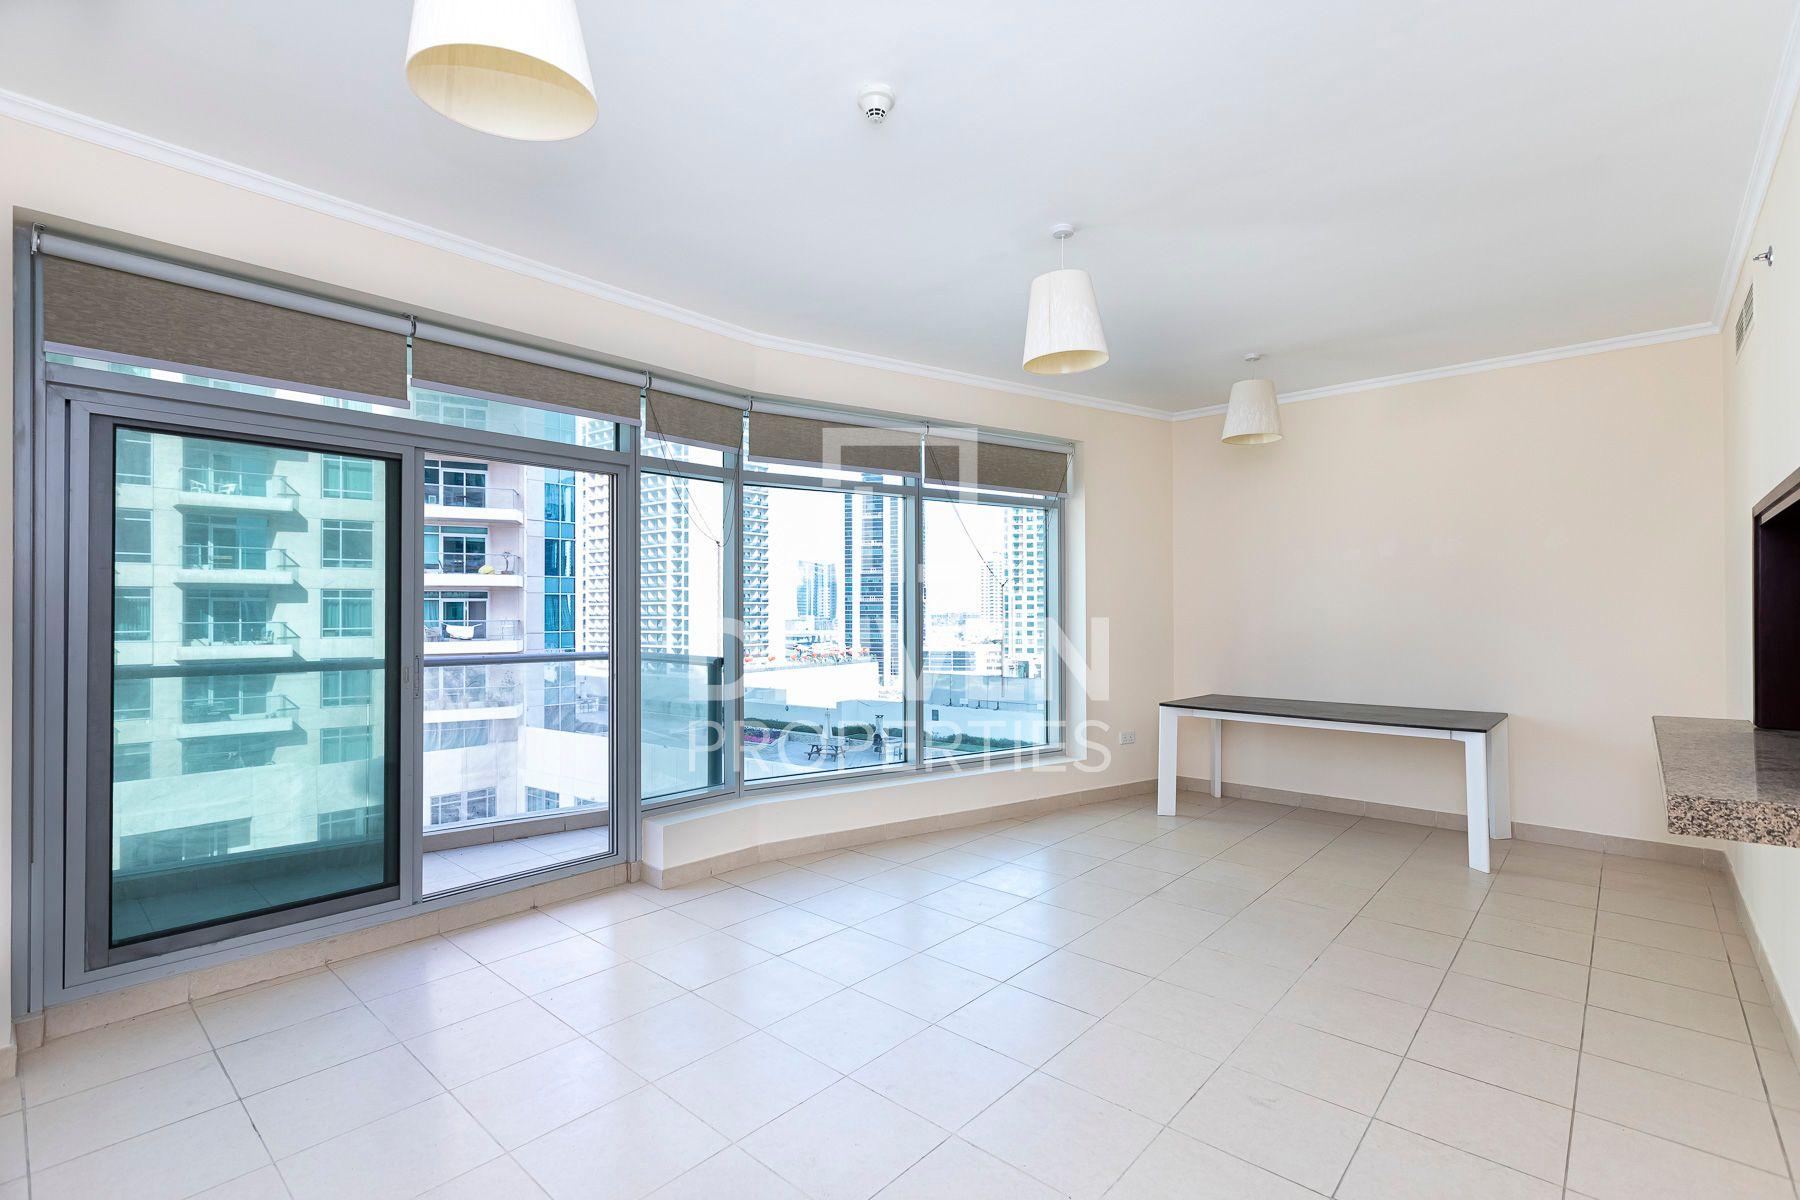 1,299 قدم مربع  شقة - للايجار - دبي وسط المدينة